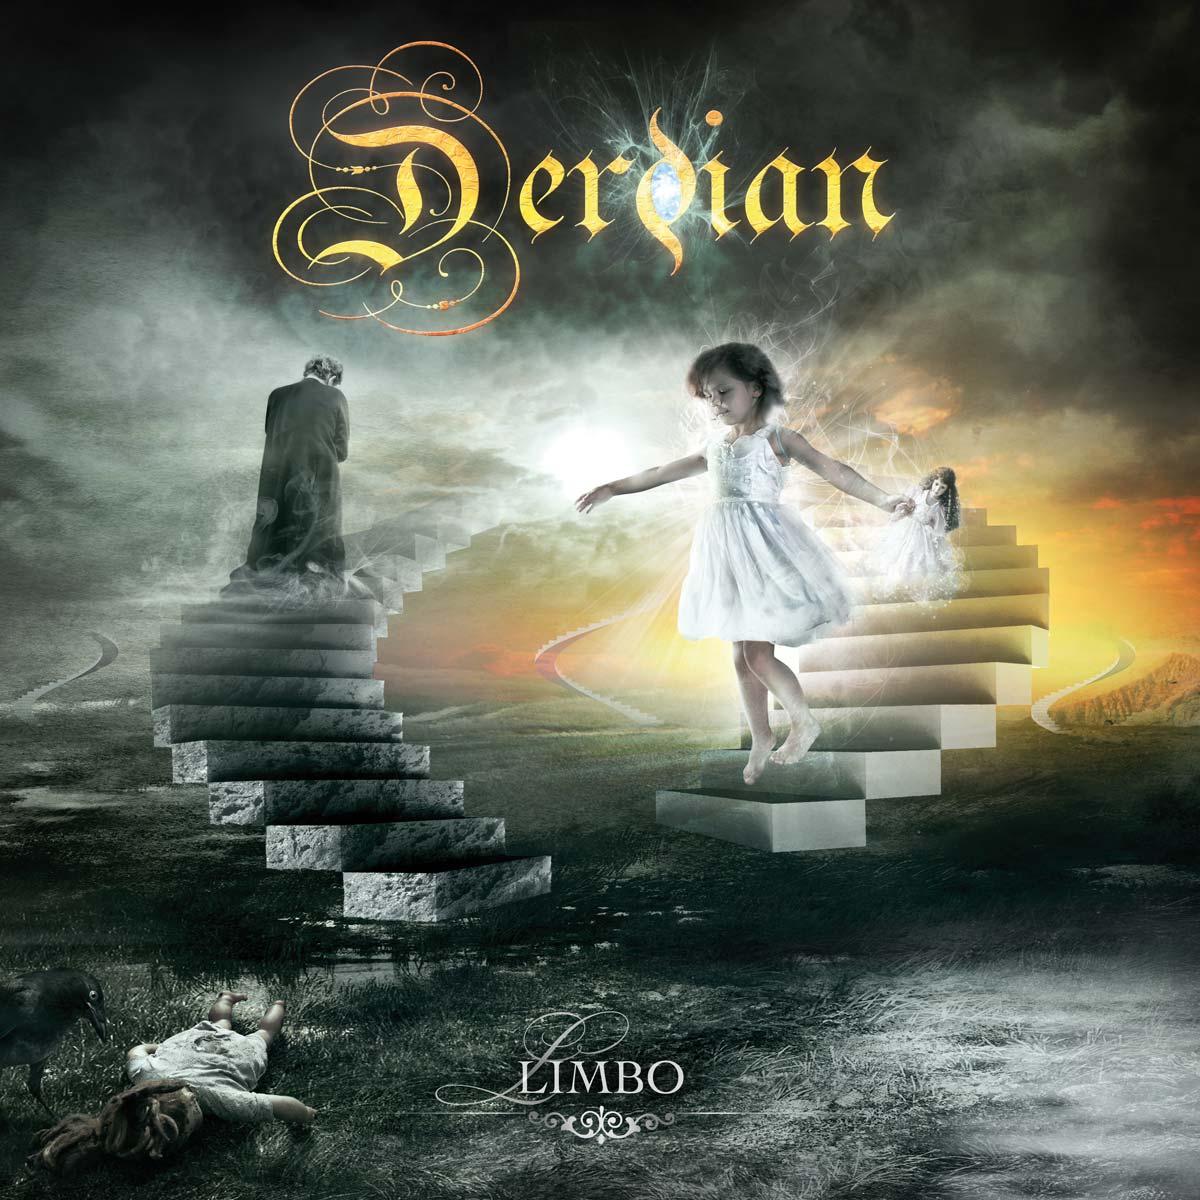 Artwork Derdian cover cut - Derdian, Limbo